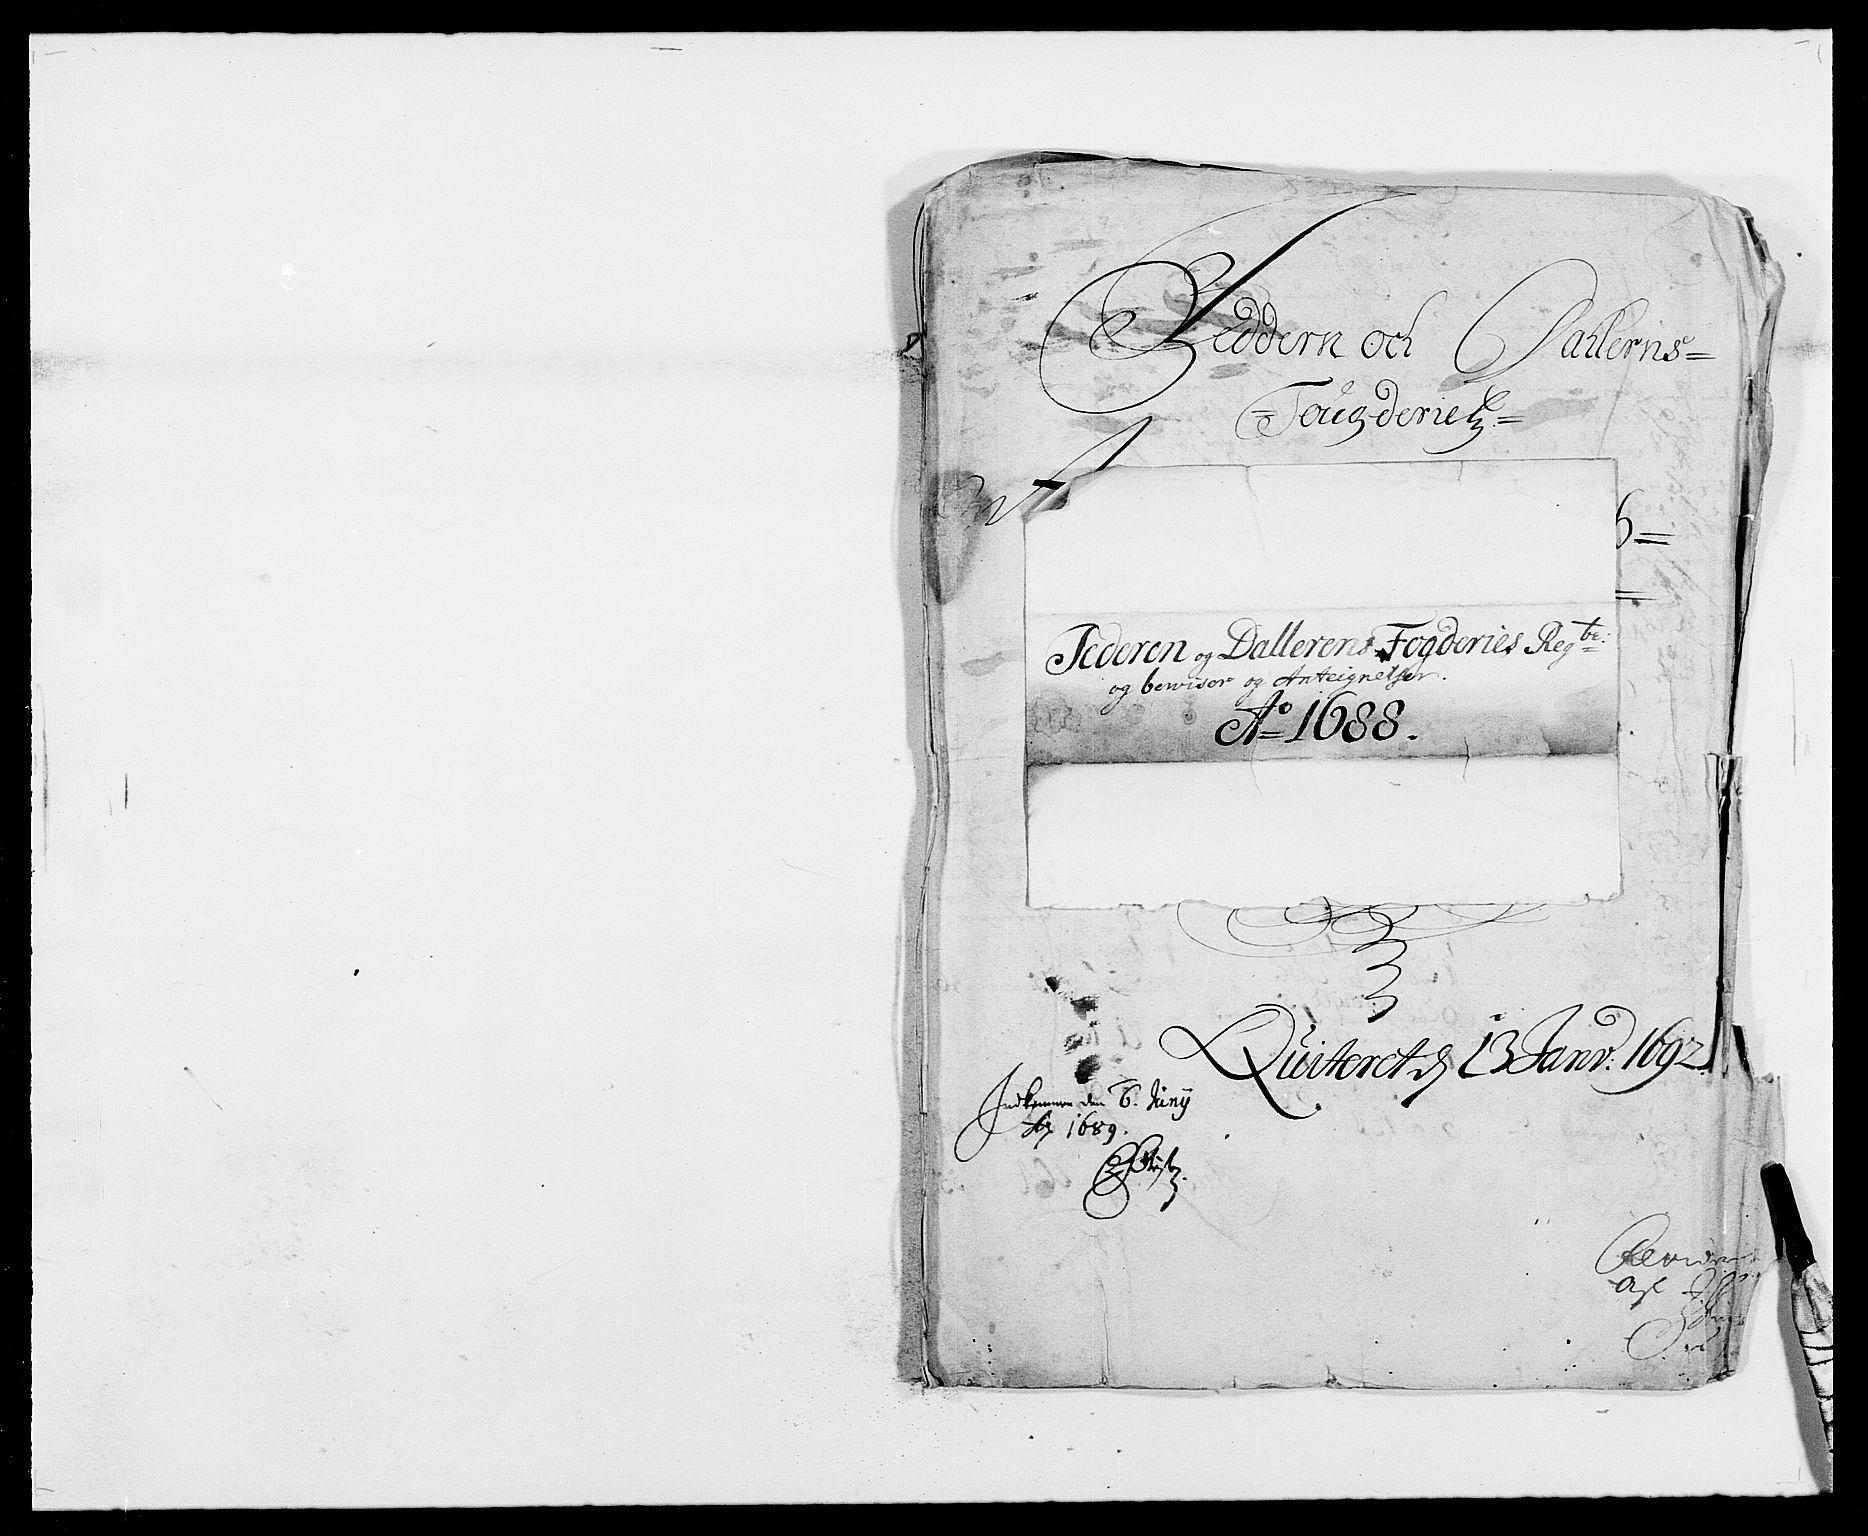 RA, Rentekammeret inntil 1814, Reviderte regnskaper, Fogderegnskap, R46/L2726: Fogderegnskap Jæren og Dalane, 1686-1689, s. 239